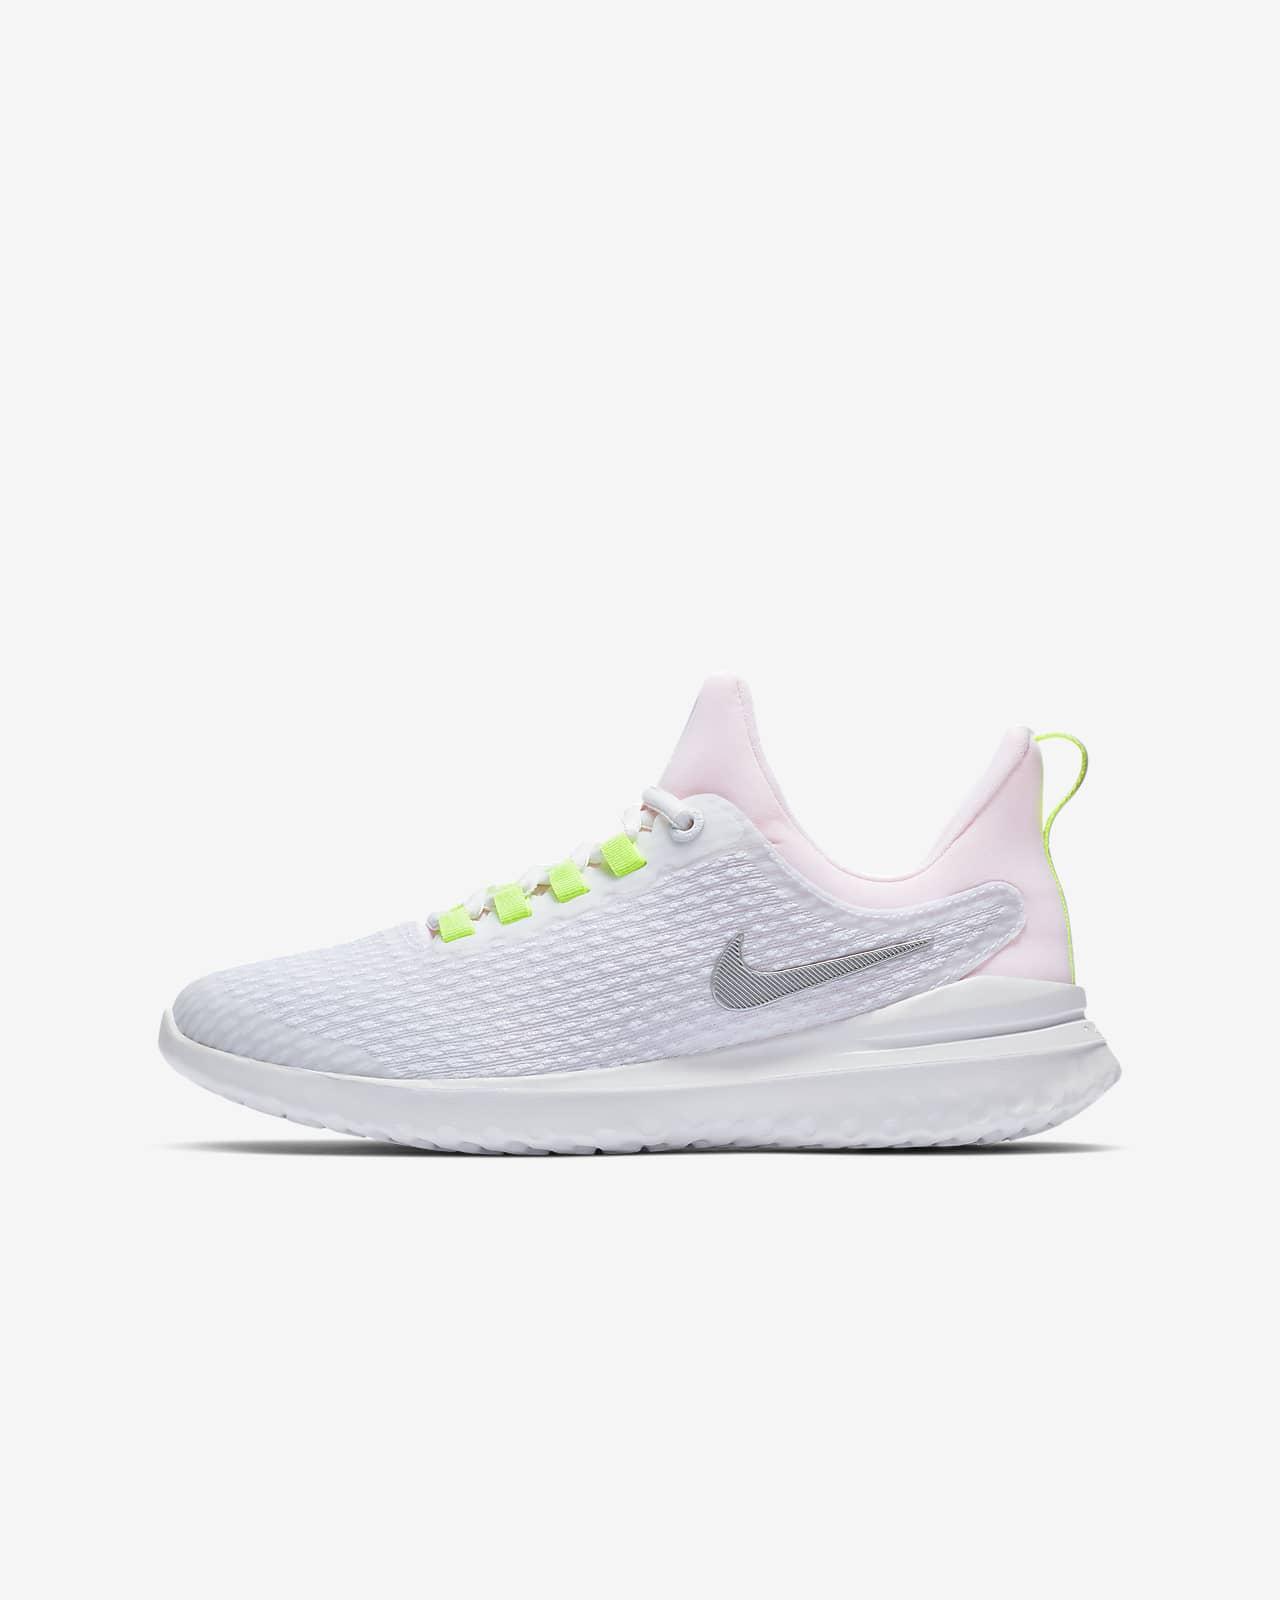 nike renew rival women's running shoes